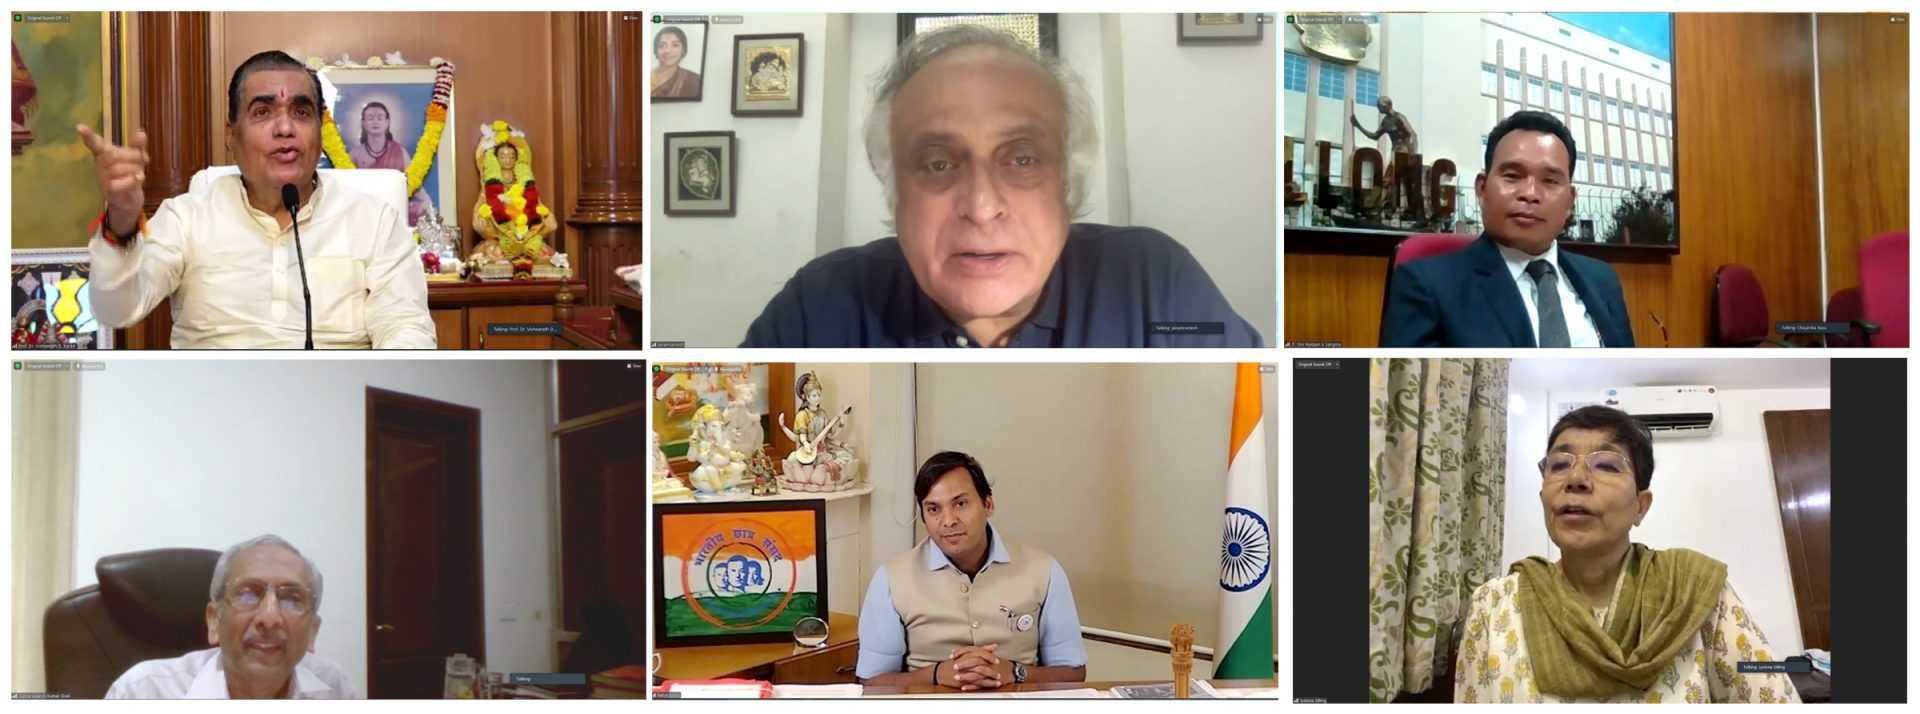 पर्यावरण रक्षणासाठी जगाने एकत्रित यावे -माजी केंद्रीय मंत्री जयराम रमेश